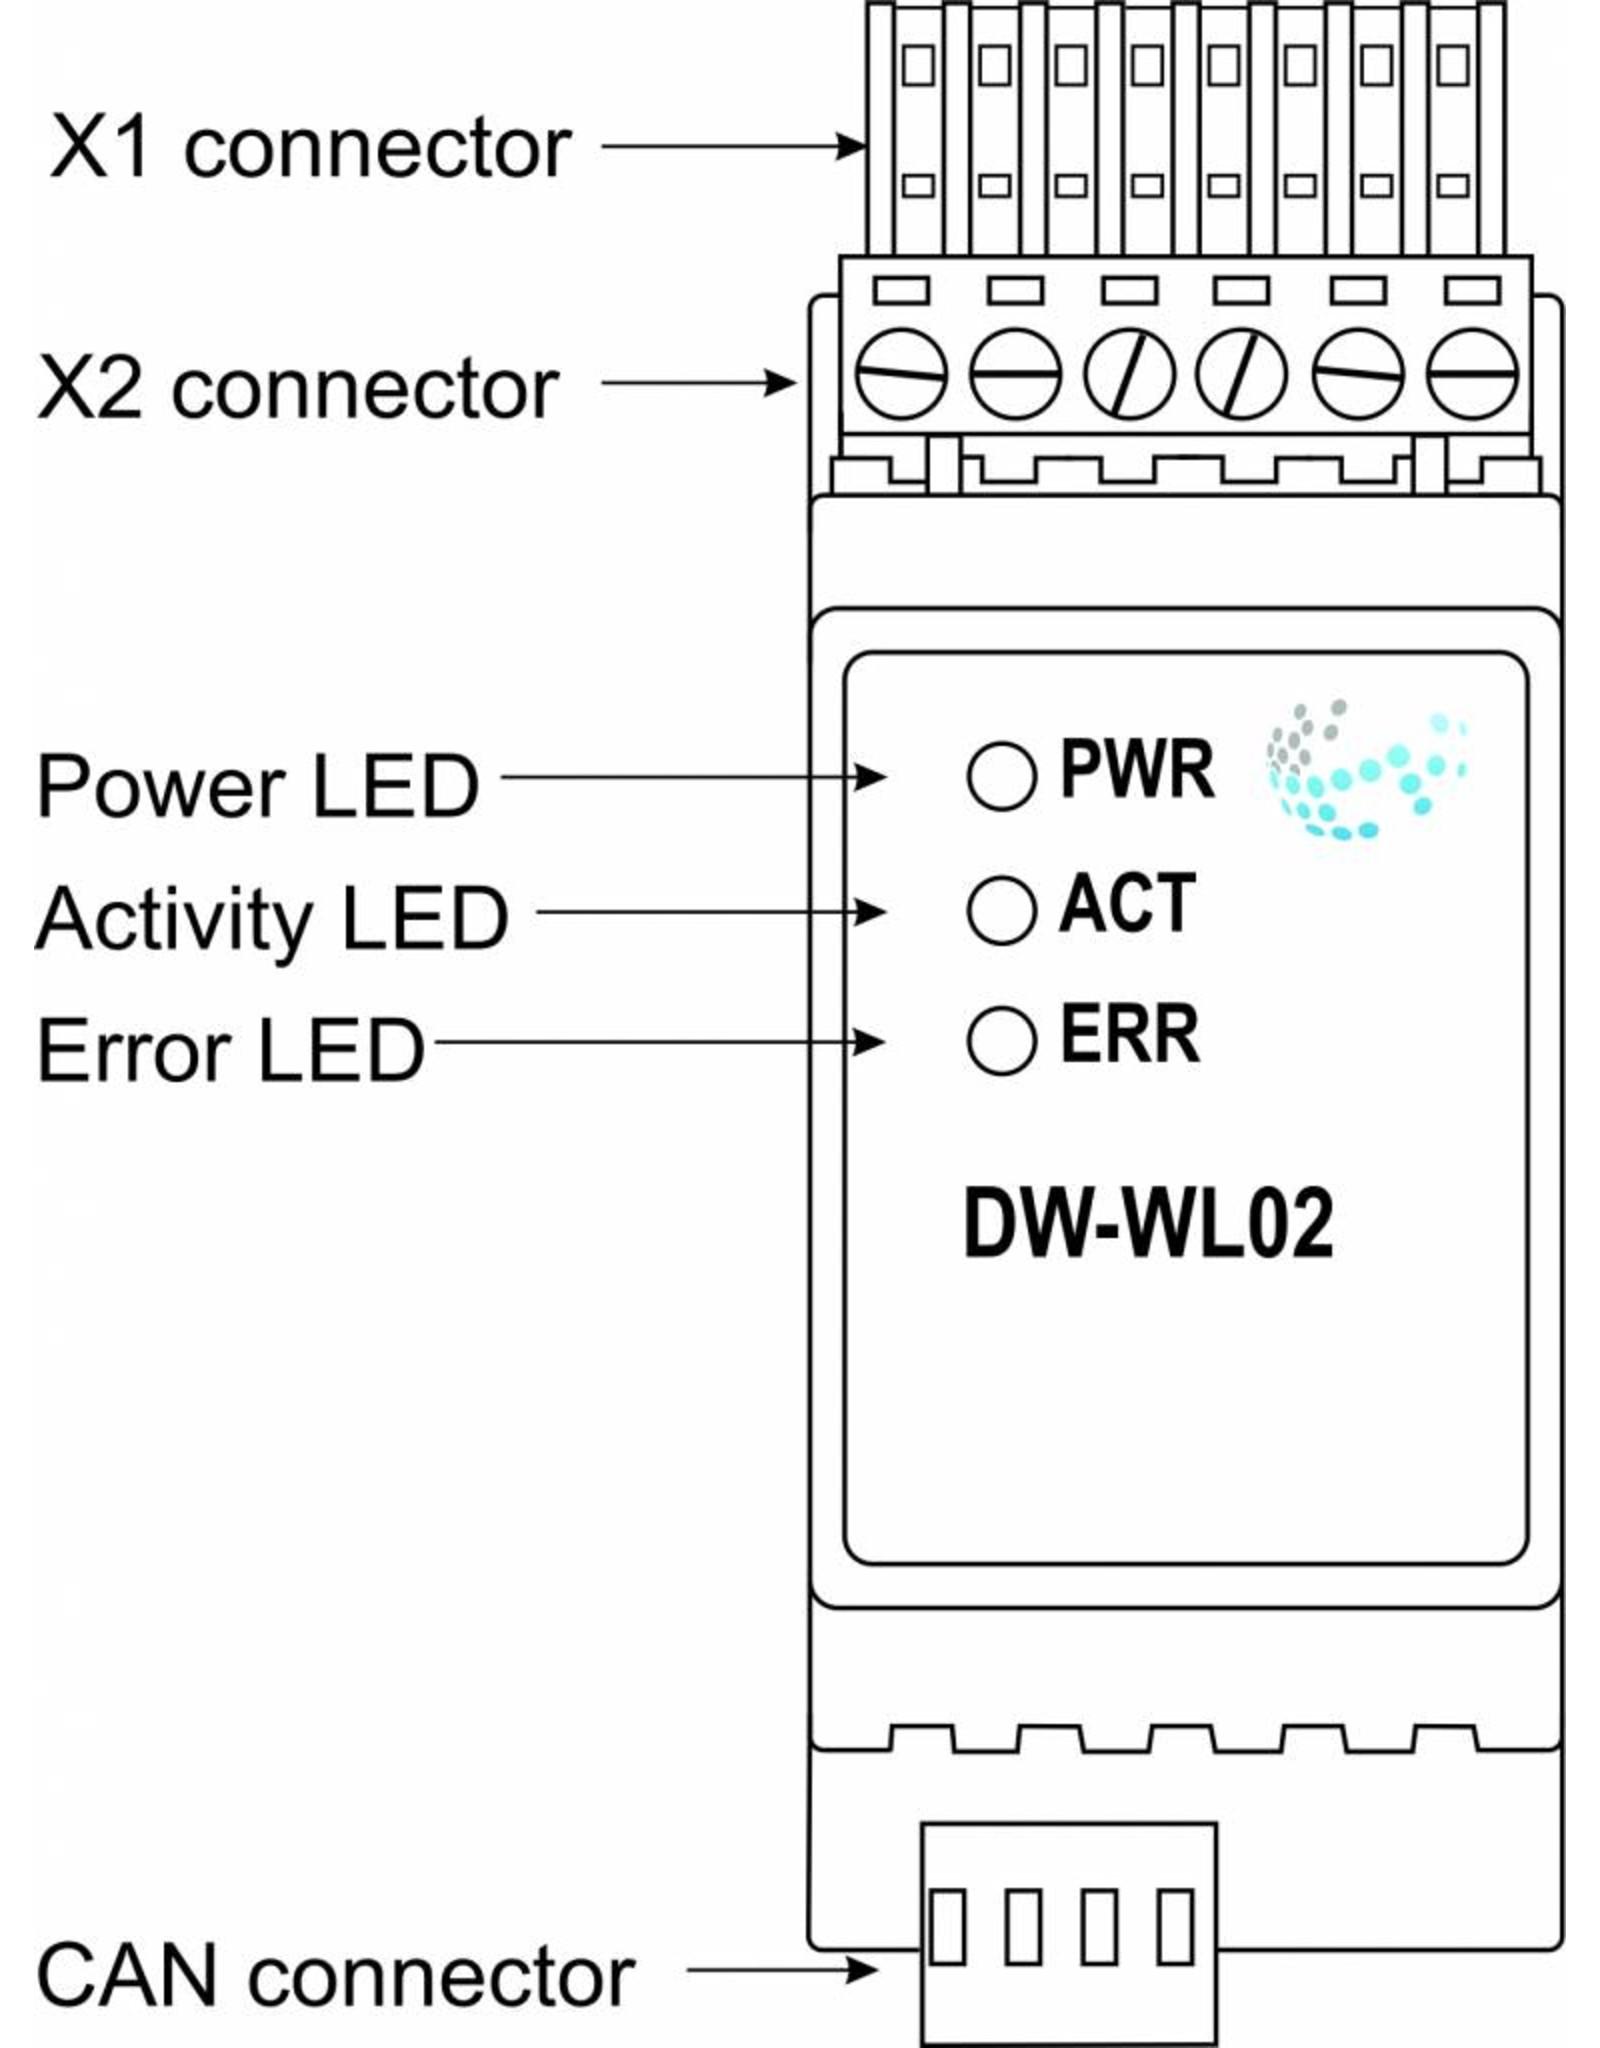 Larnitech DW-WL02